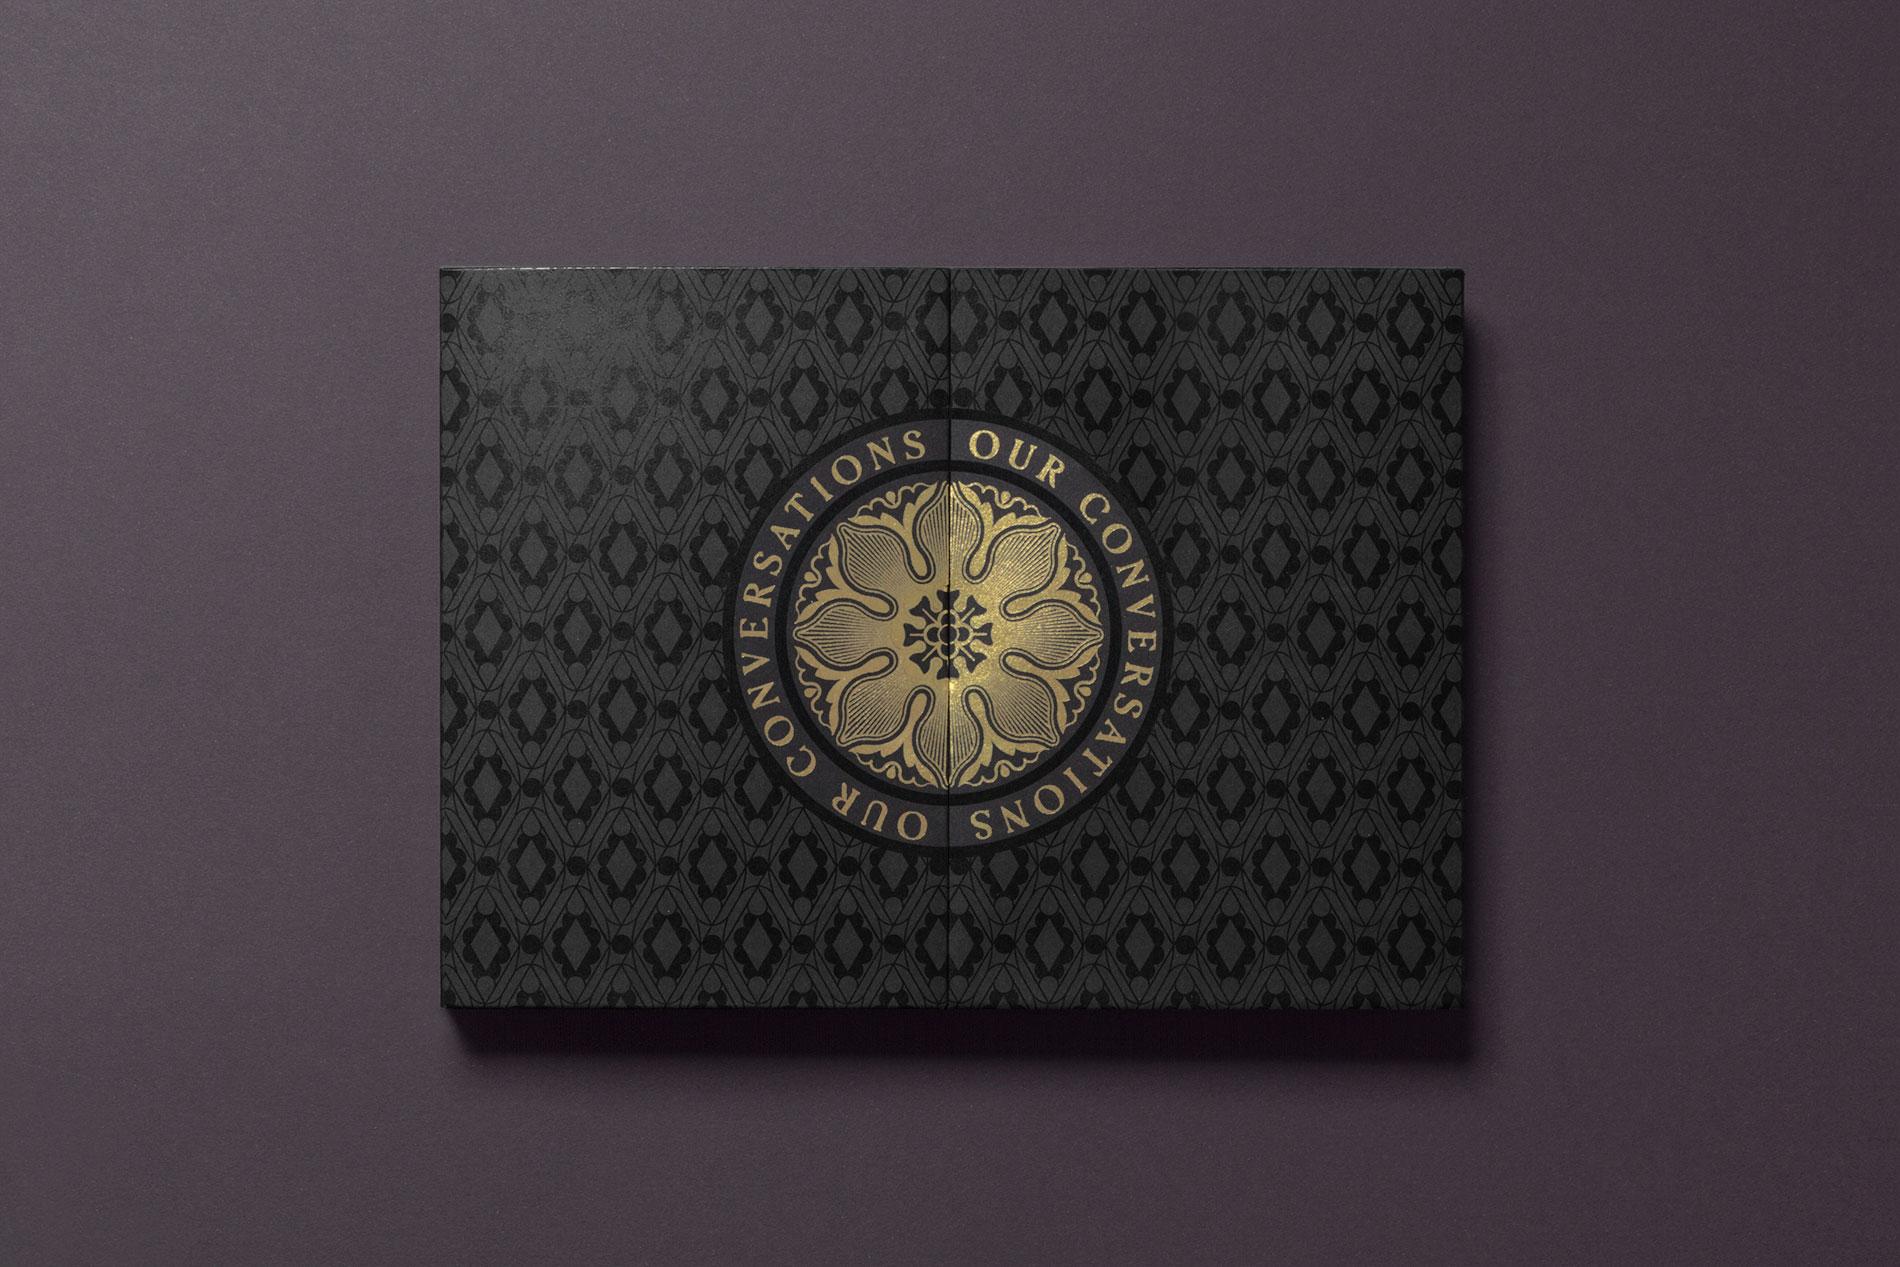 Diseño de patrones y ornamentos medievales